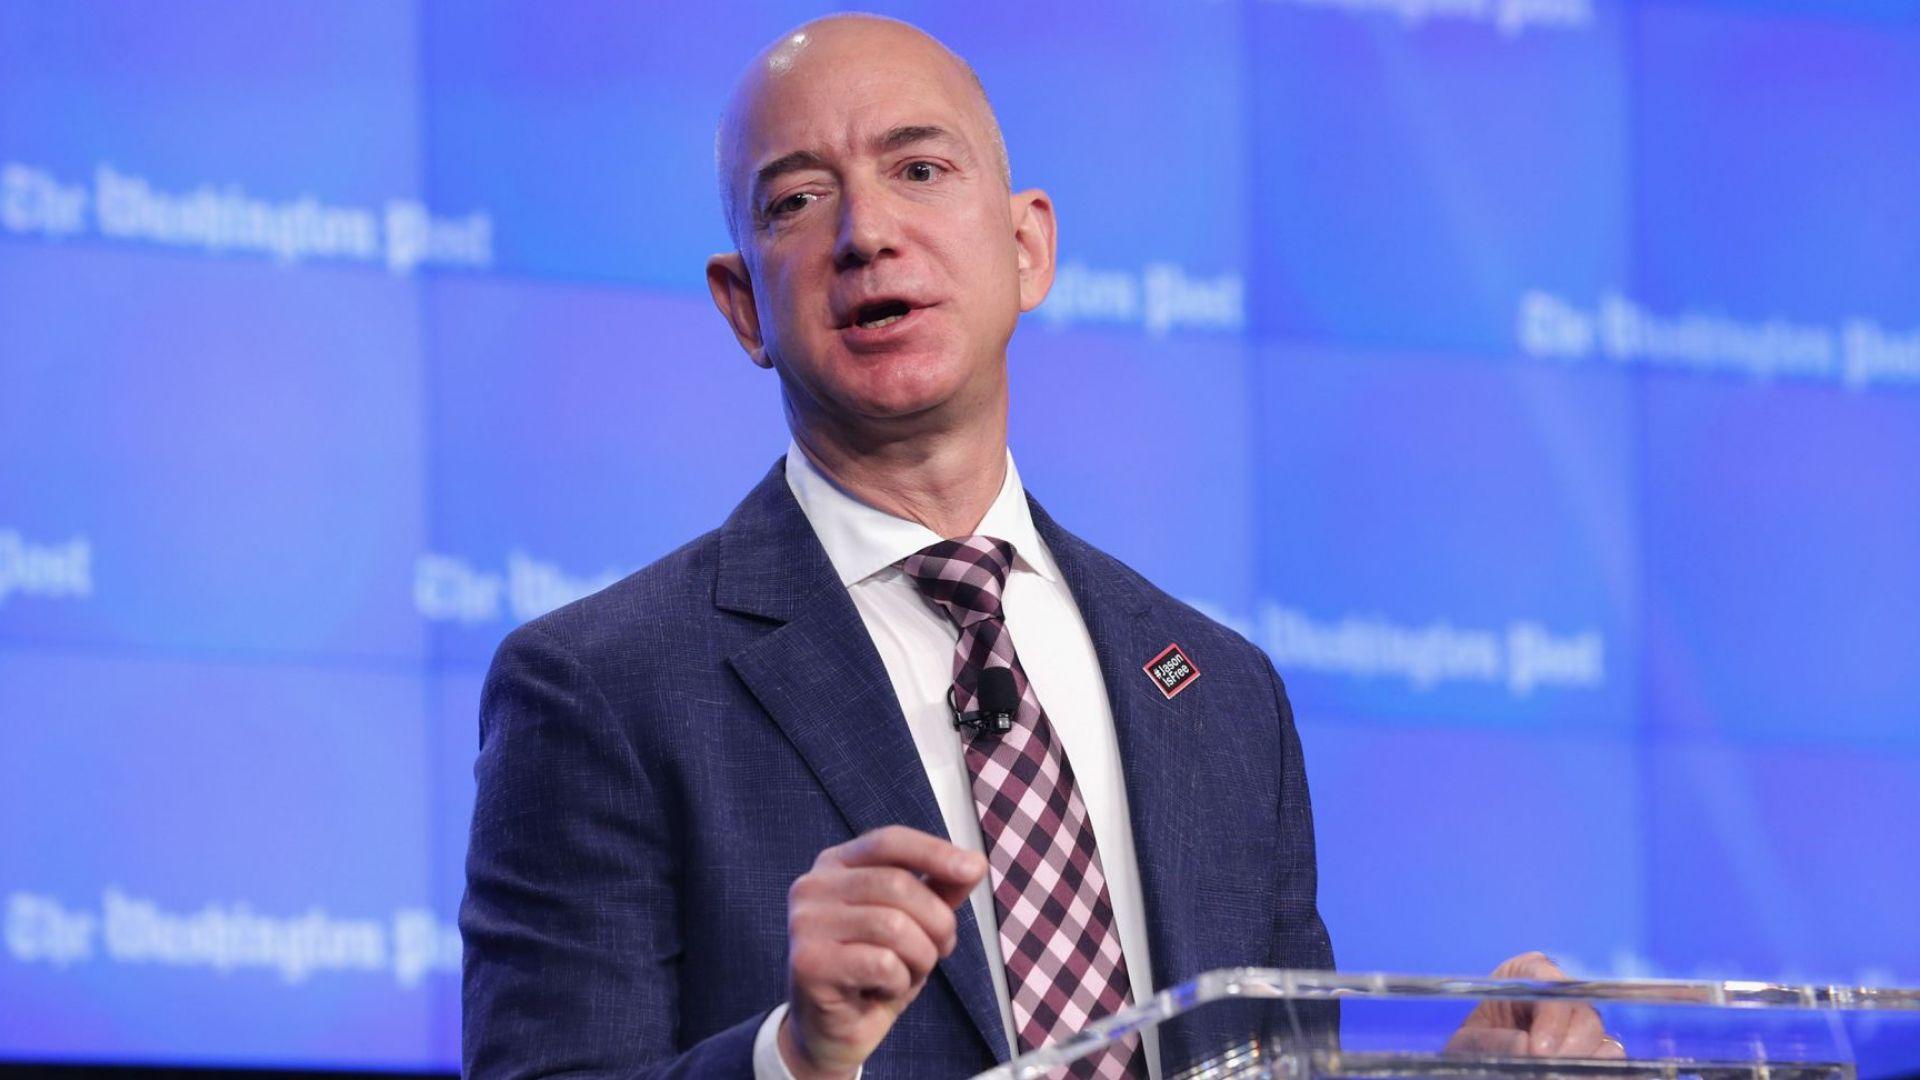 Основателят на електронния гигант Amazon, Джеф Безос, започва бизнеса си през 1994-а от гаража си в Сиатъл. И това е доказано